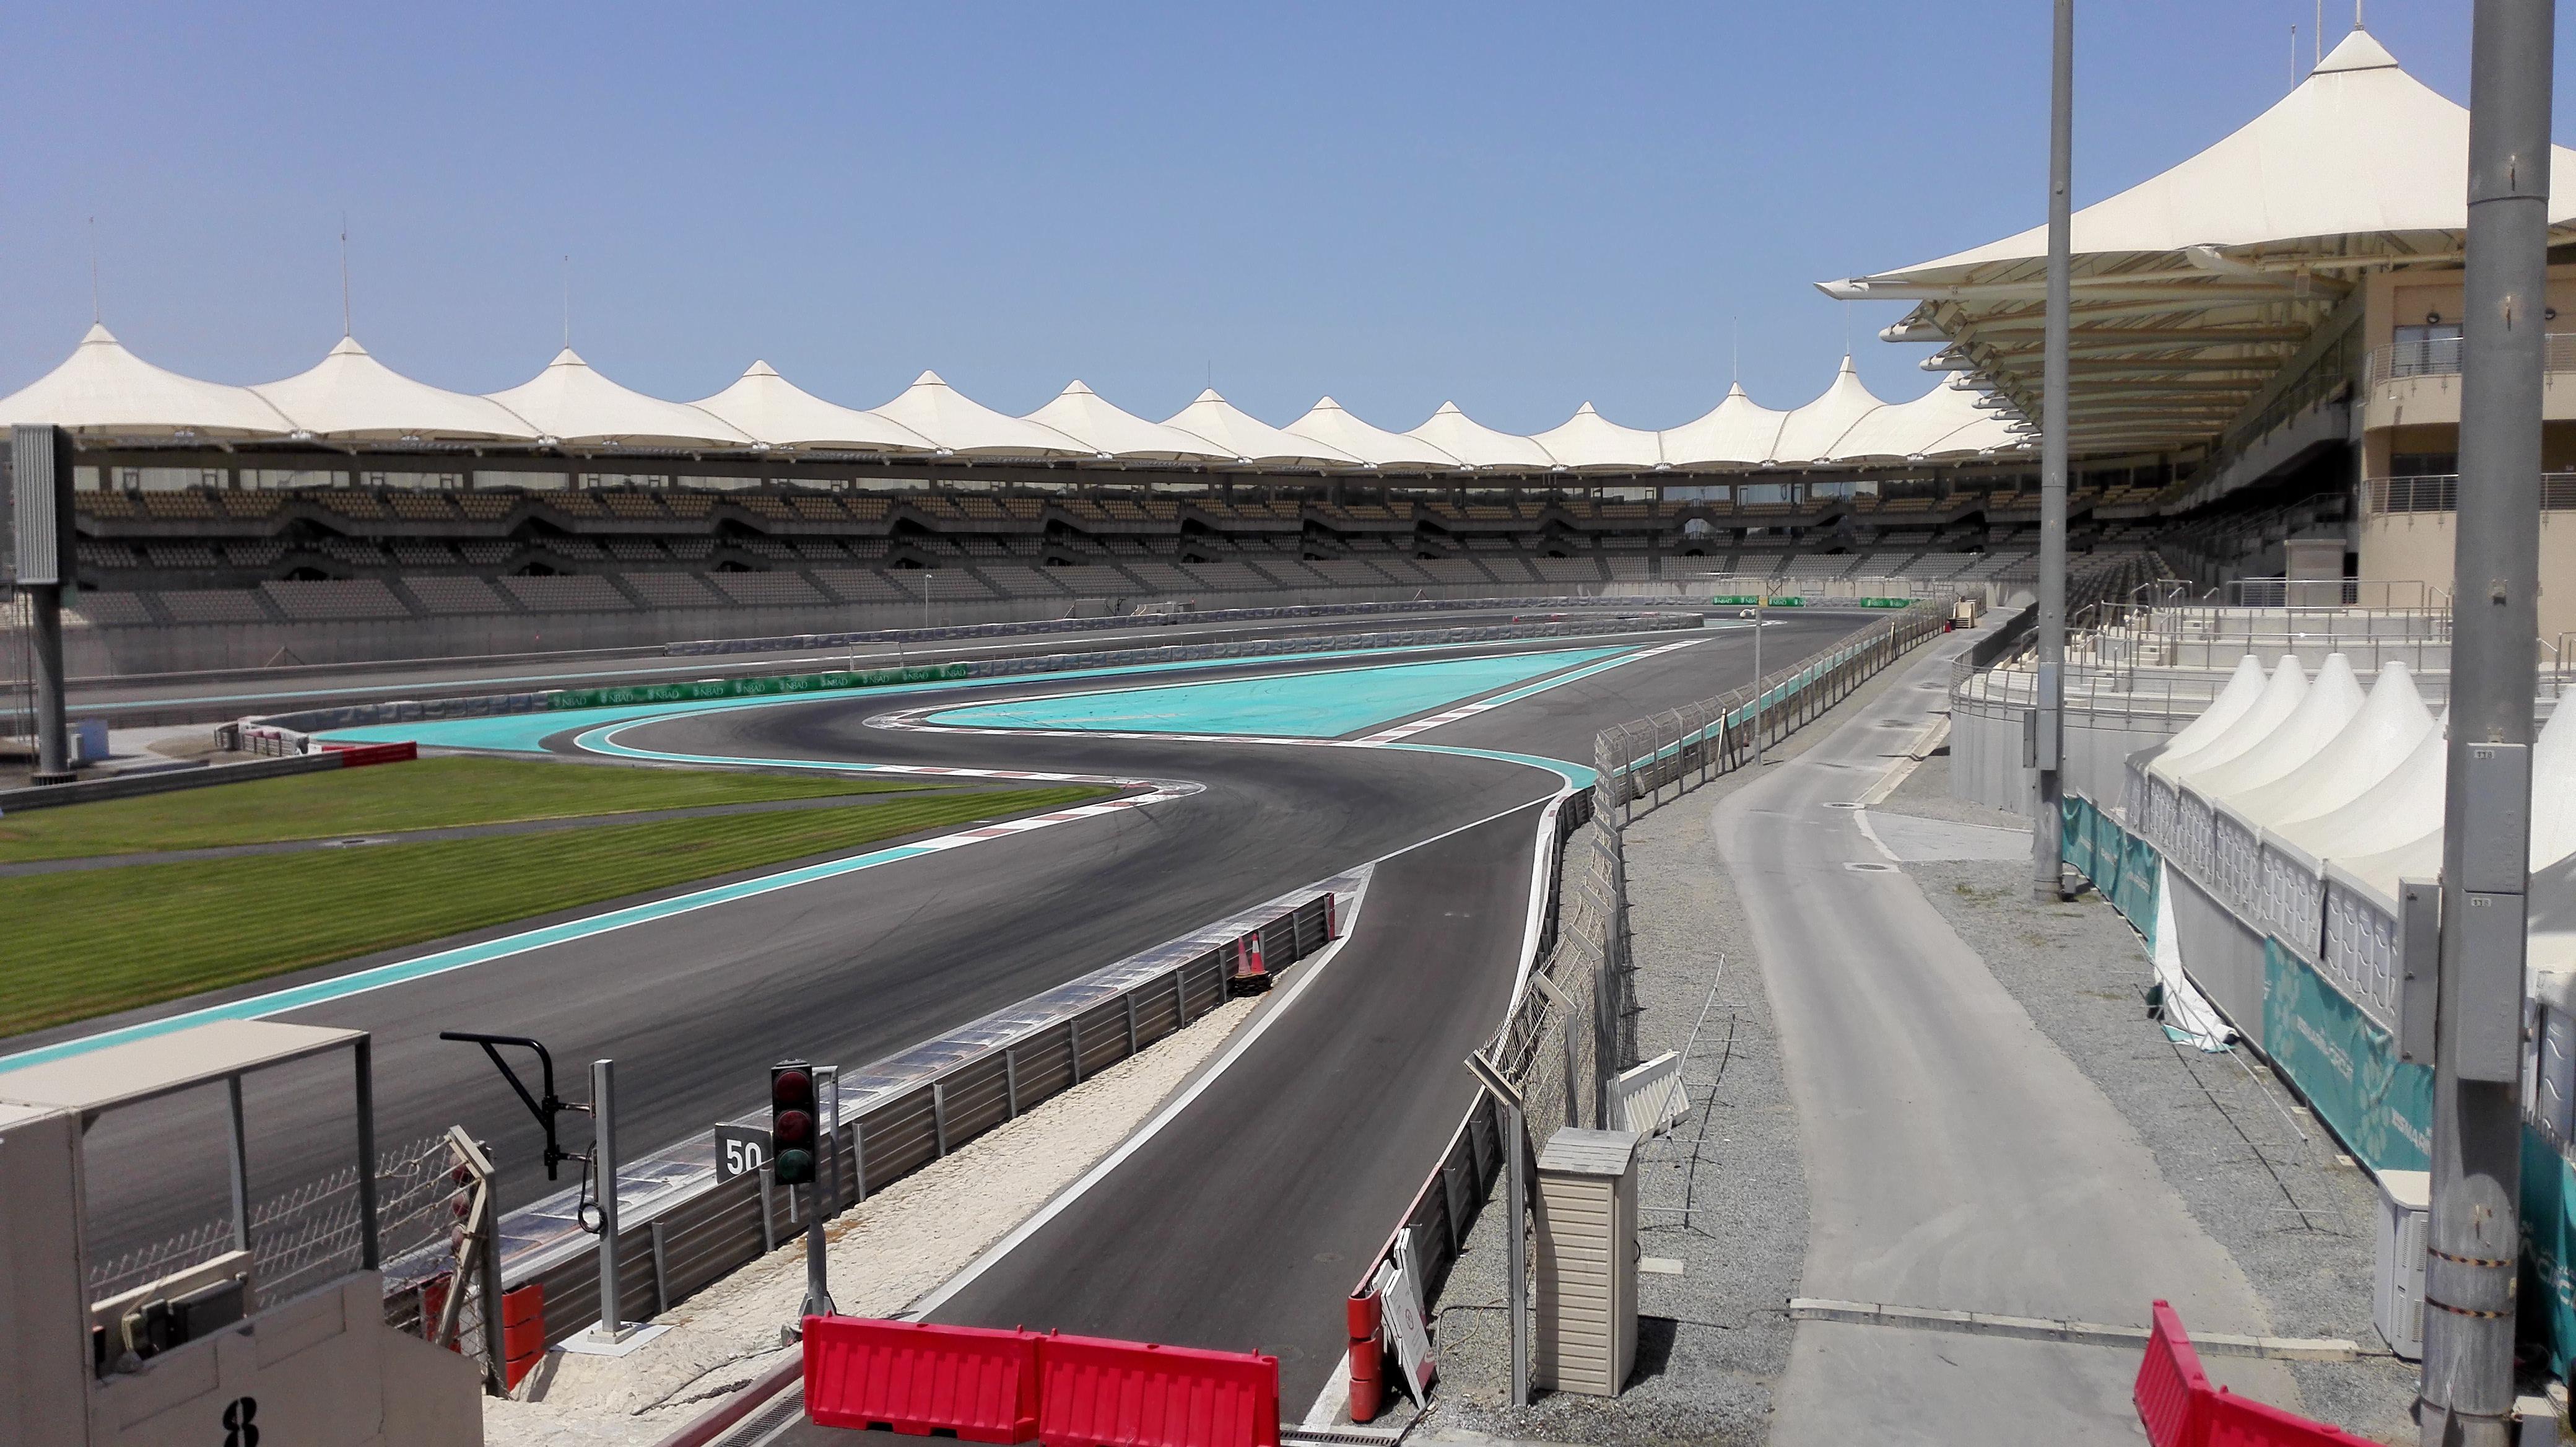 Yas Marina Circuit_Abu Dhabi_2